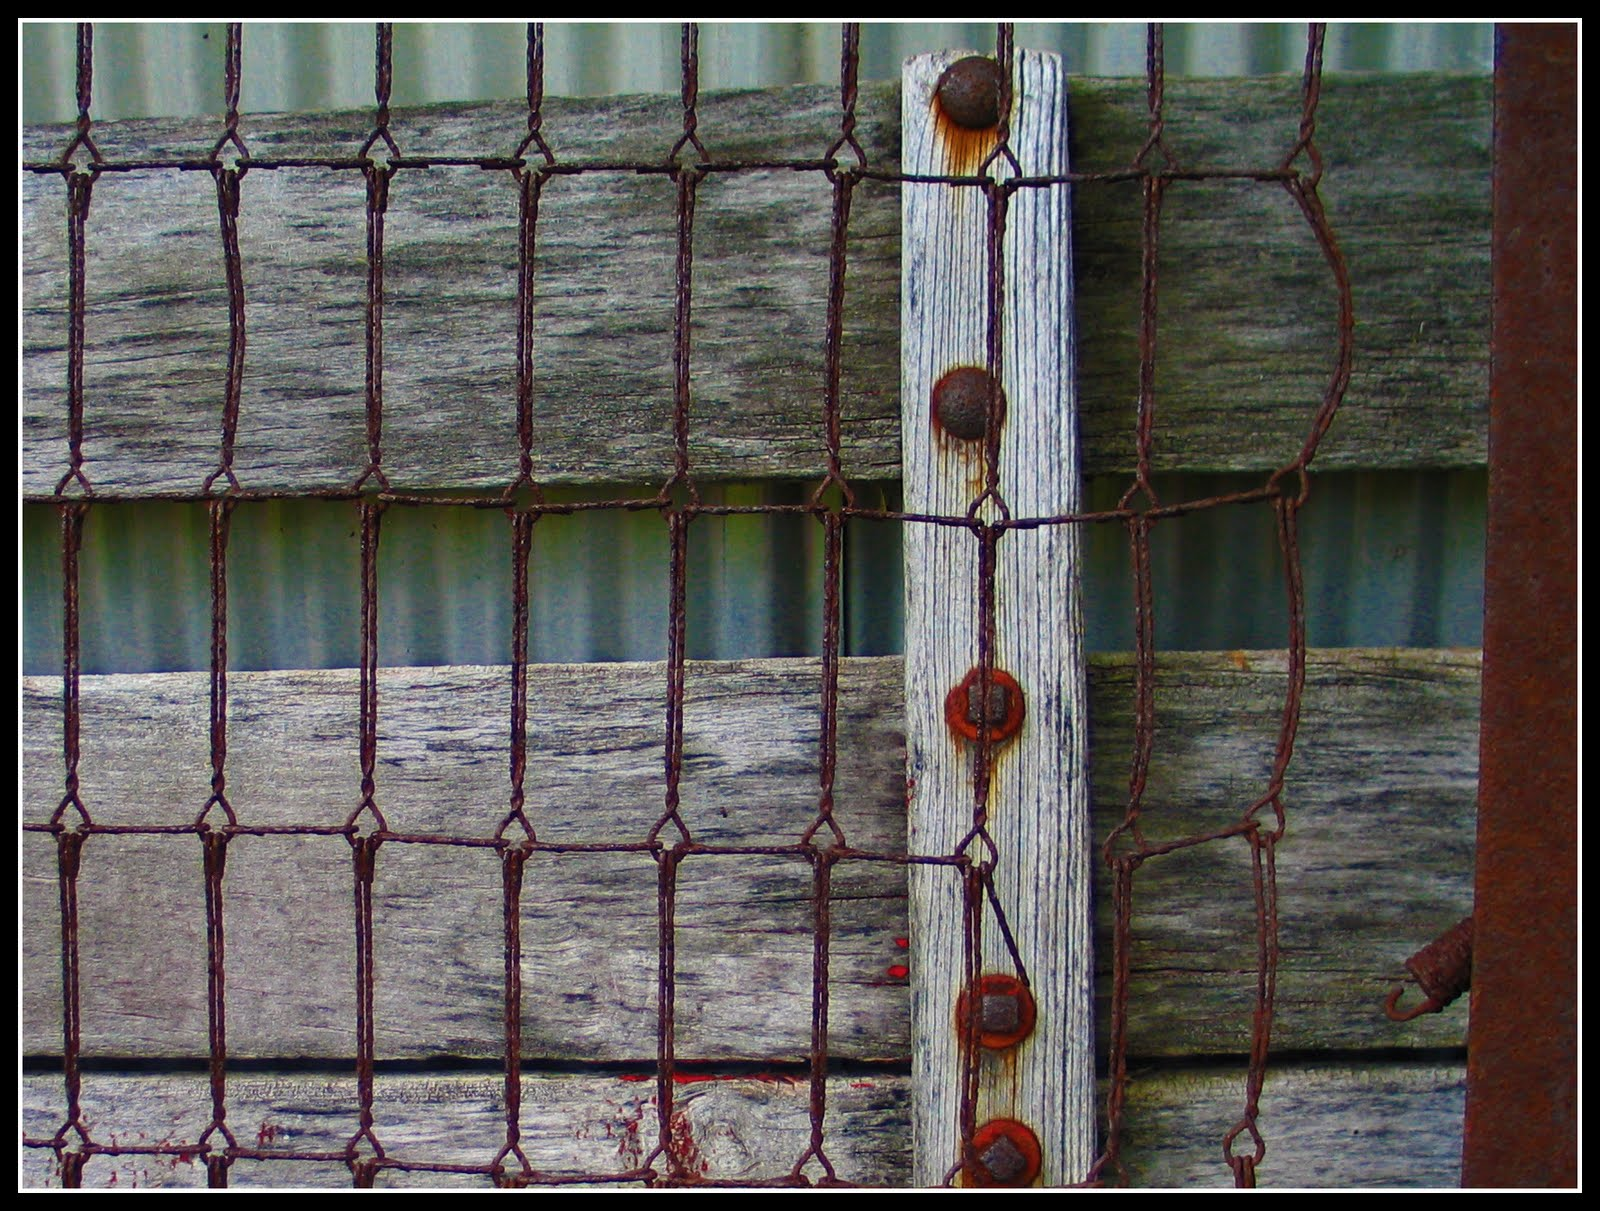 http://3.bp.blogspot.com/_FBwspwvIebY/TEbh54CrH3I/AAAAAAAAAS0/xwrDo41DqNw/s1600/textures+rusted+bedframe:barn+wood.jpg